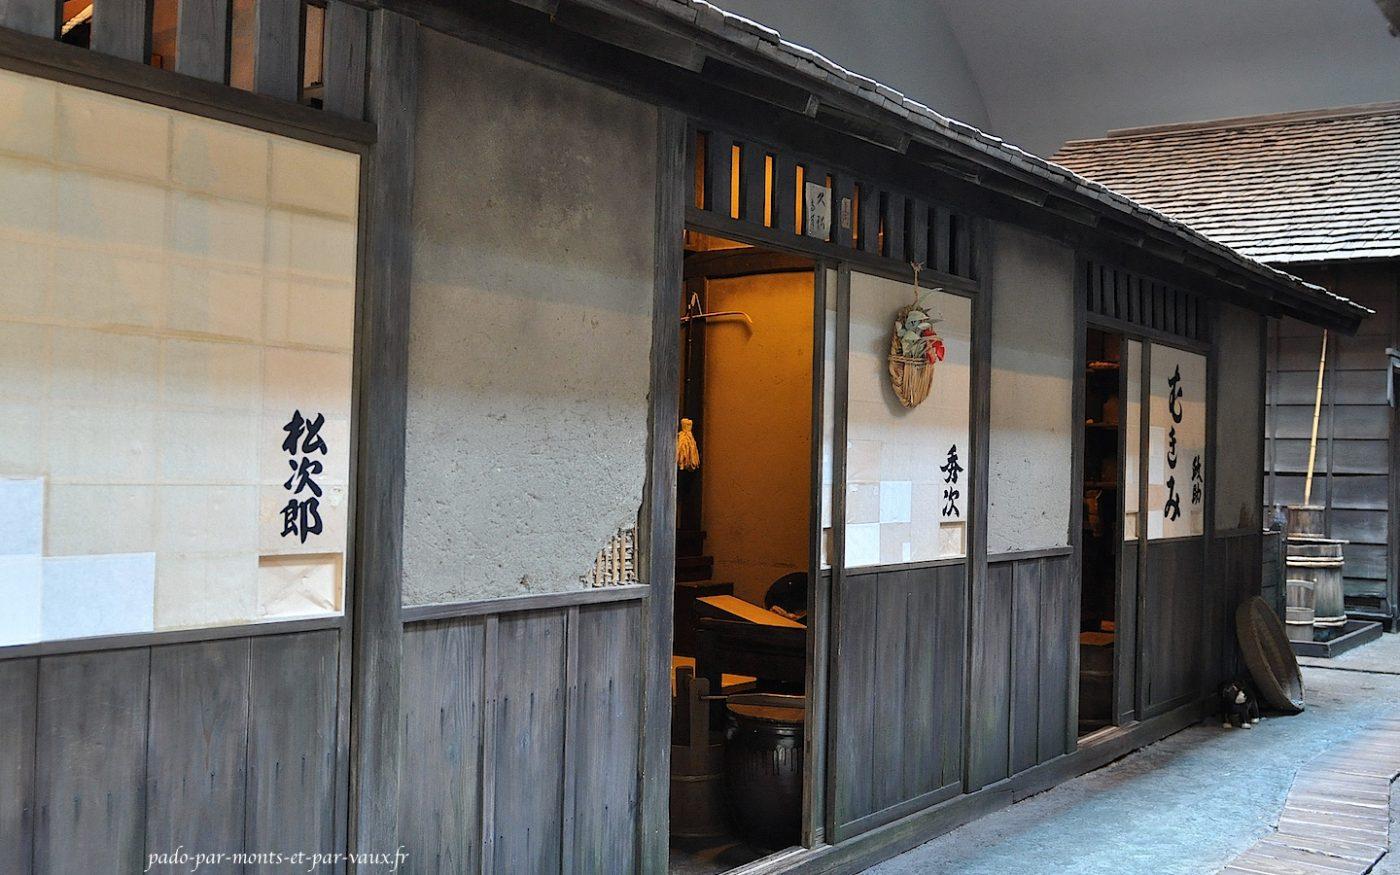 Fukagawa Edo museum rue